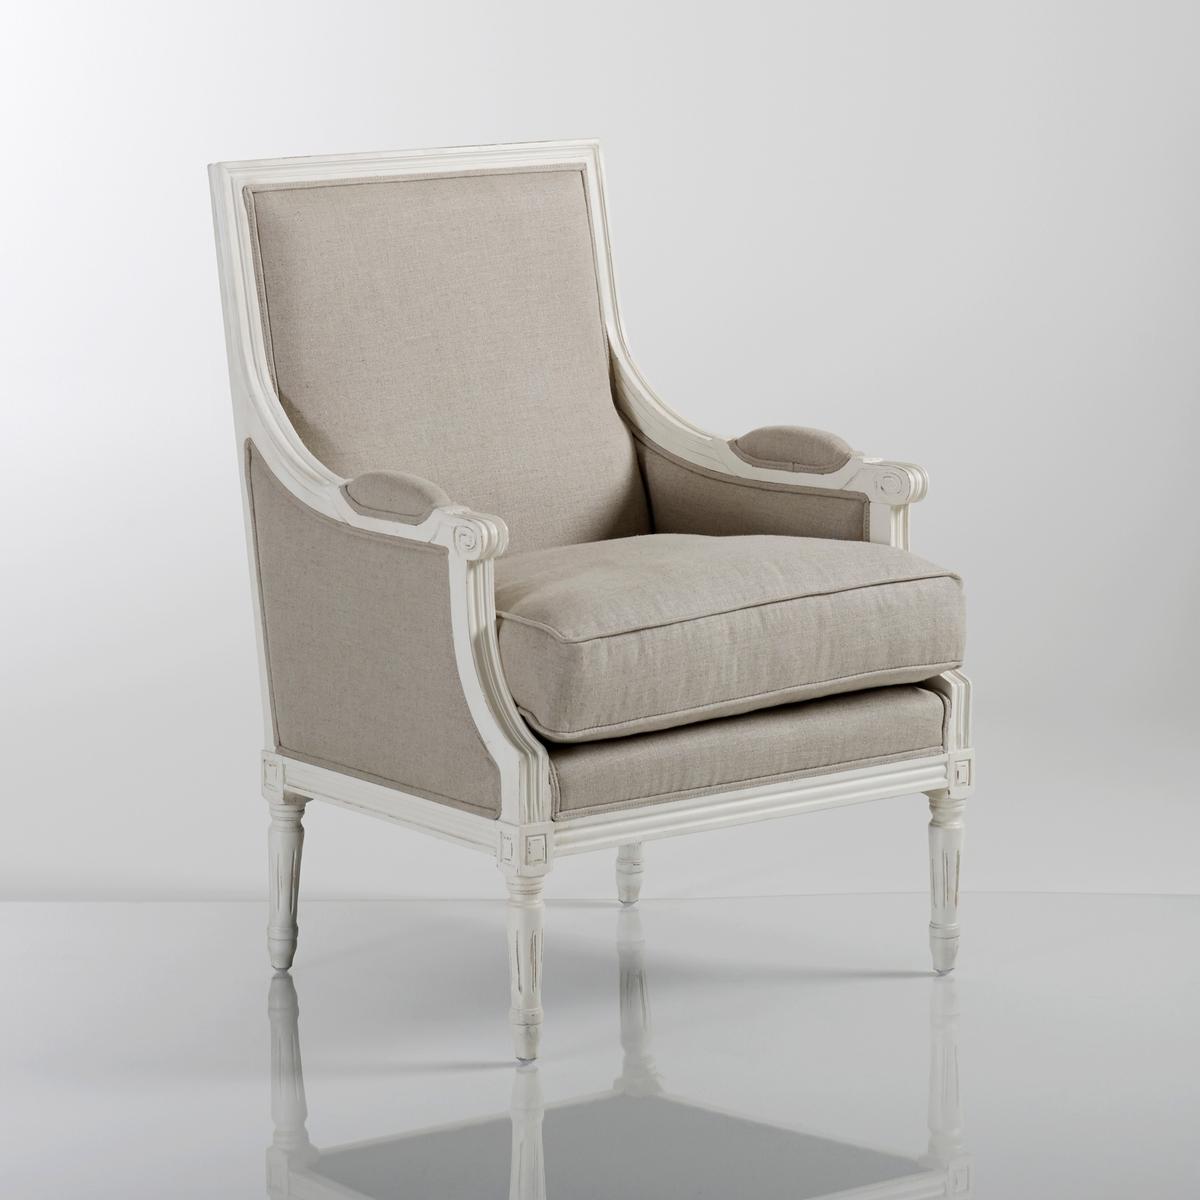 Кресло глубокое в стиле Людовика XVI, Nottingham